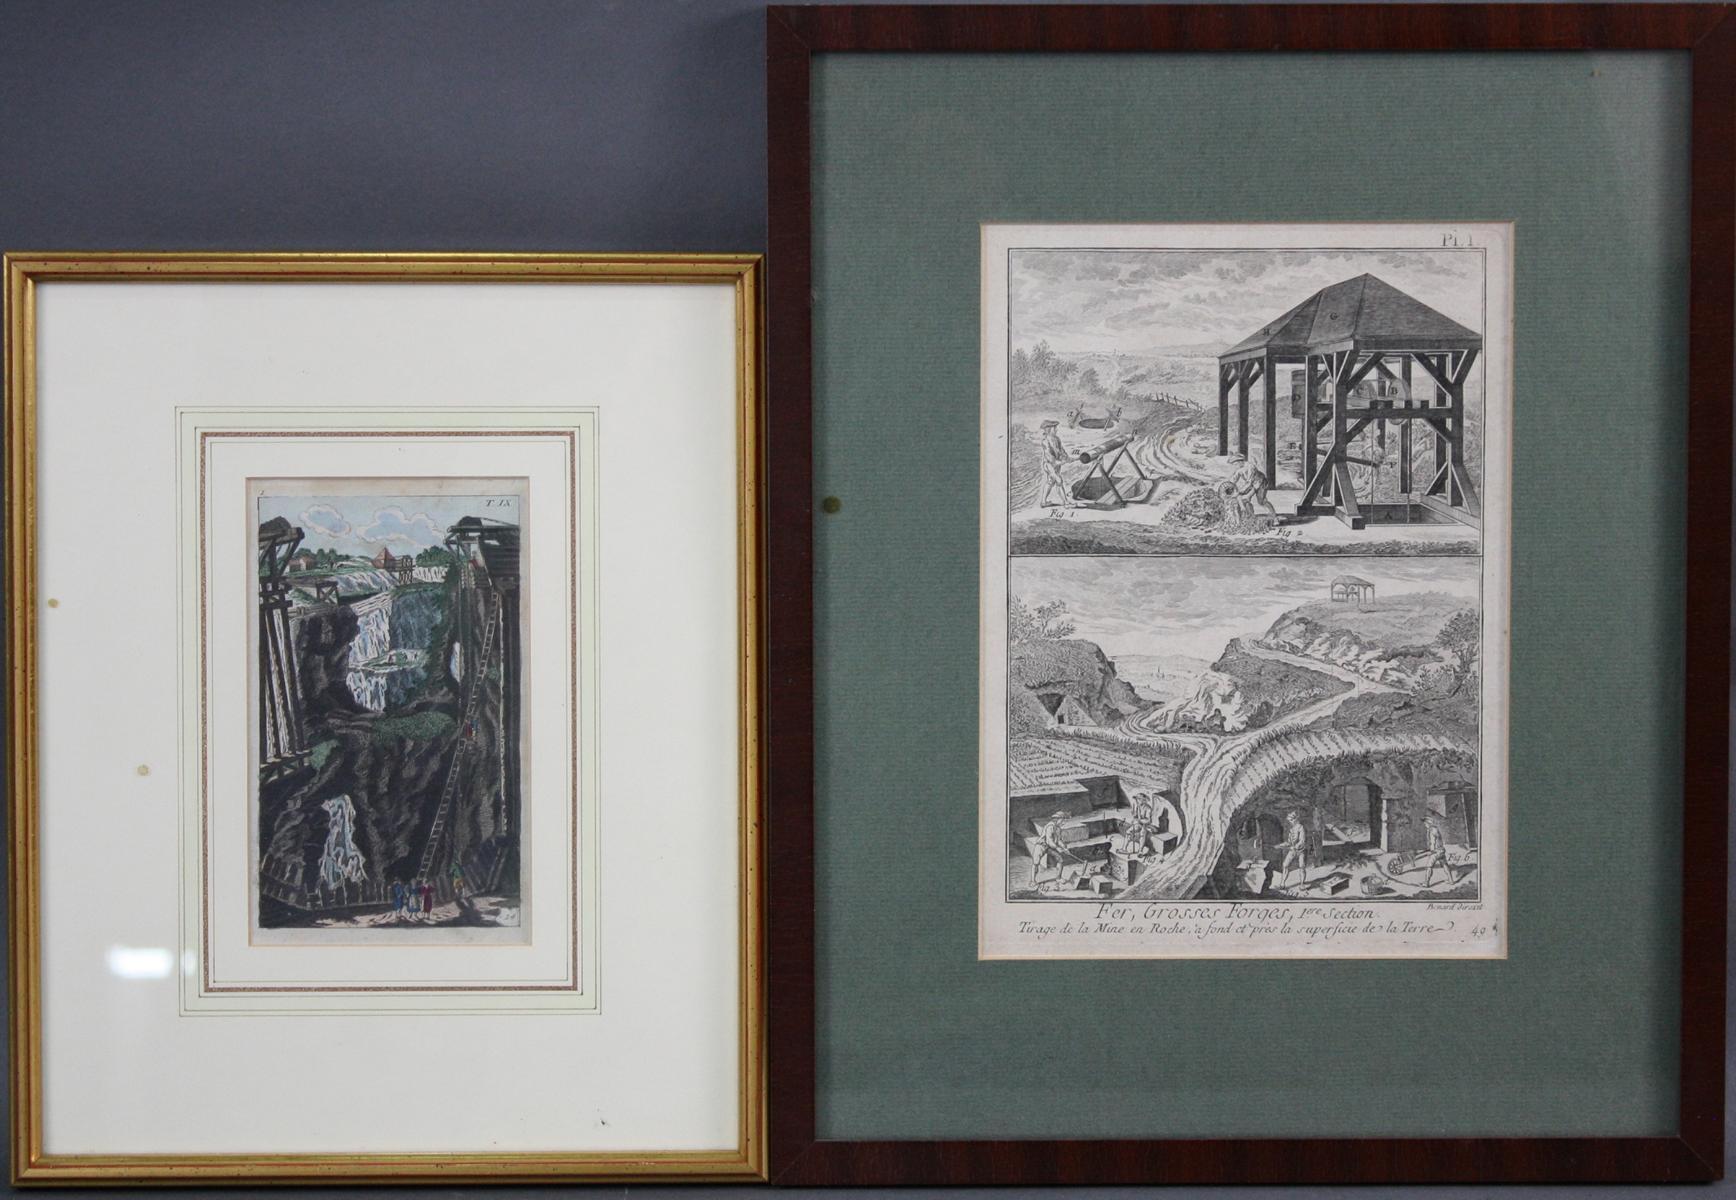 Bergbau. 2 Kupferstiche, 18. Jahrhundert